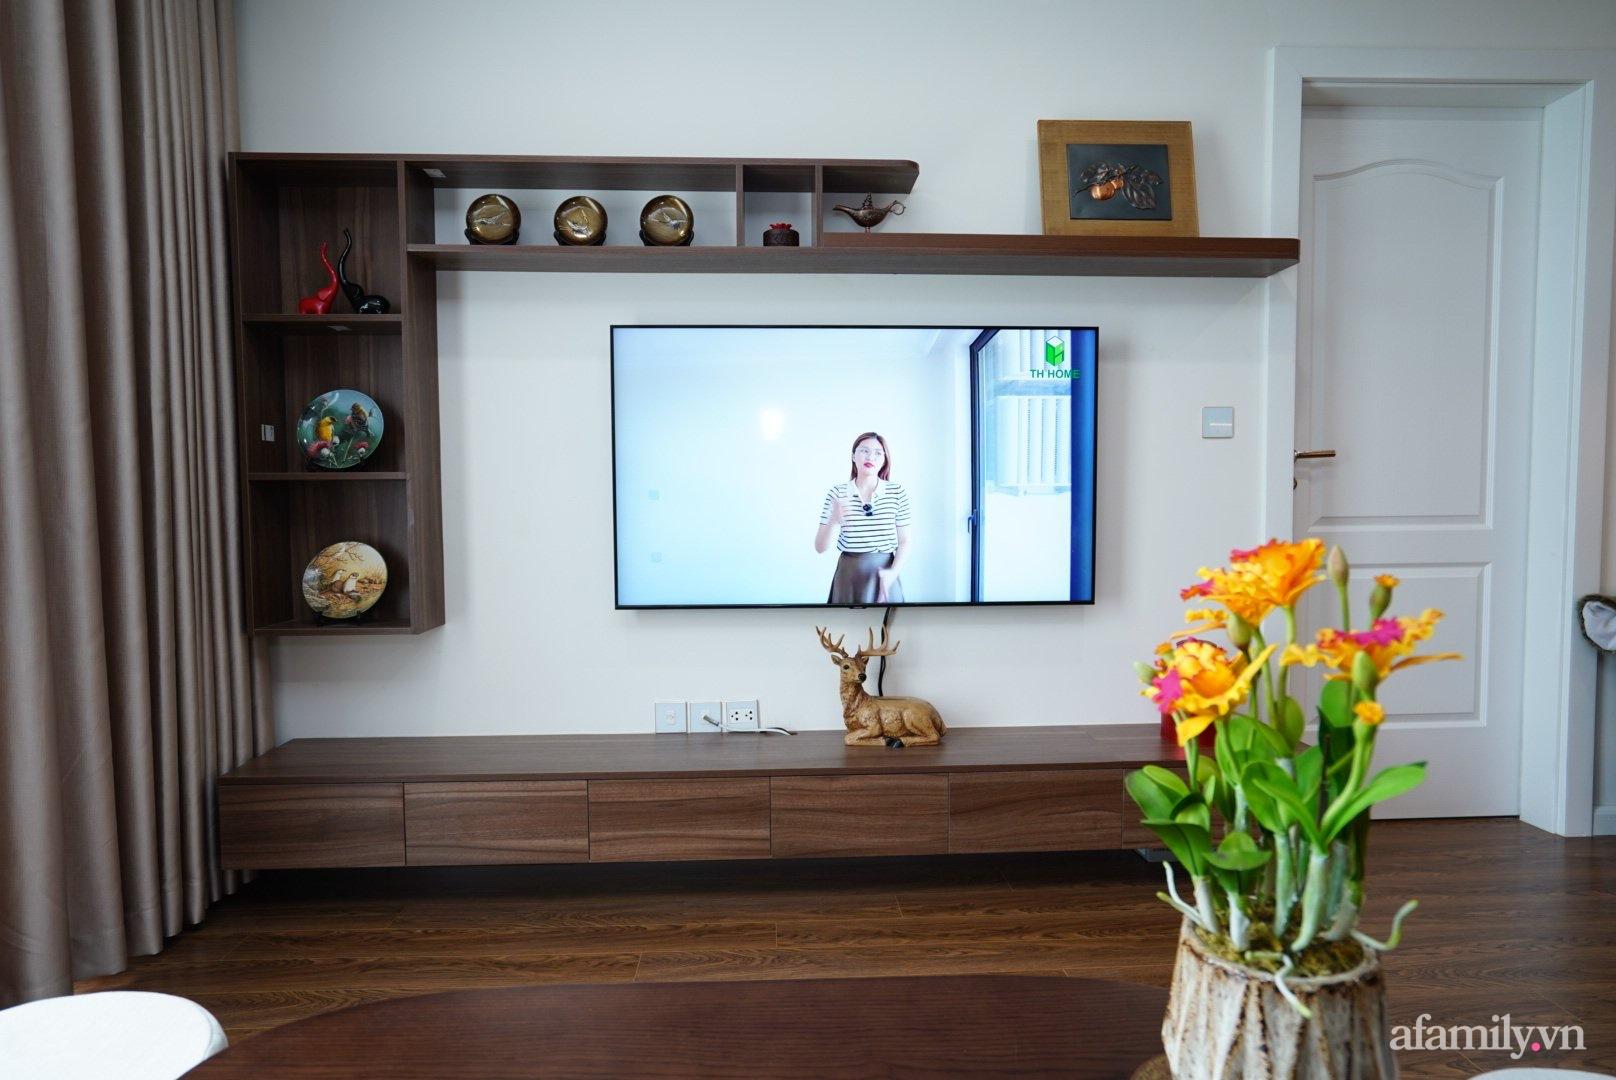 Căn hộ 107m2 đẹp sang trọng với nội thất màu gỗ óc chó có chi phí hoàn thiện 150 triệu đồng ở Hà Nội - Ảnh 2.